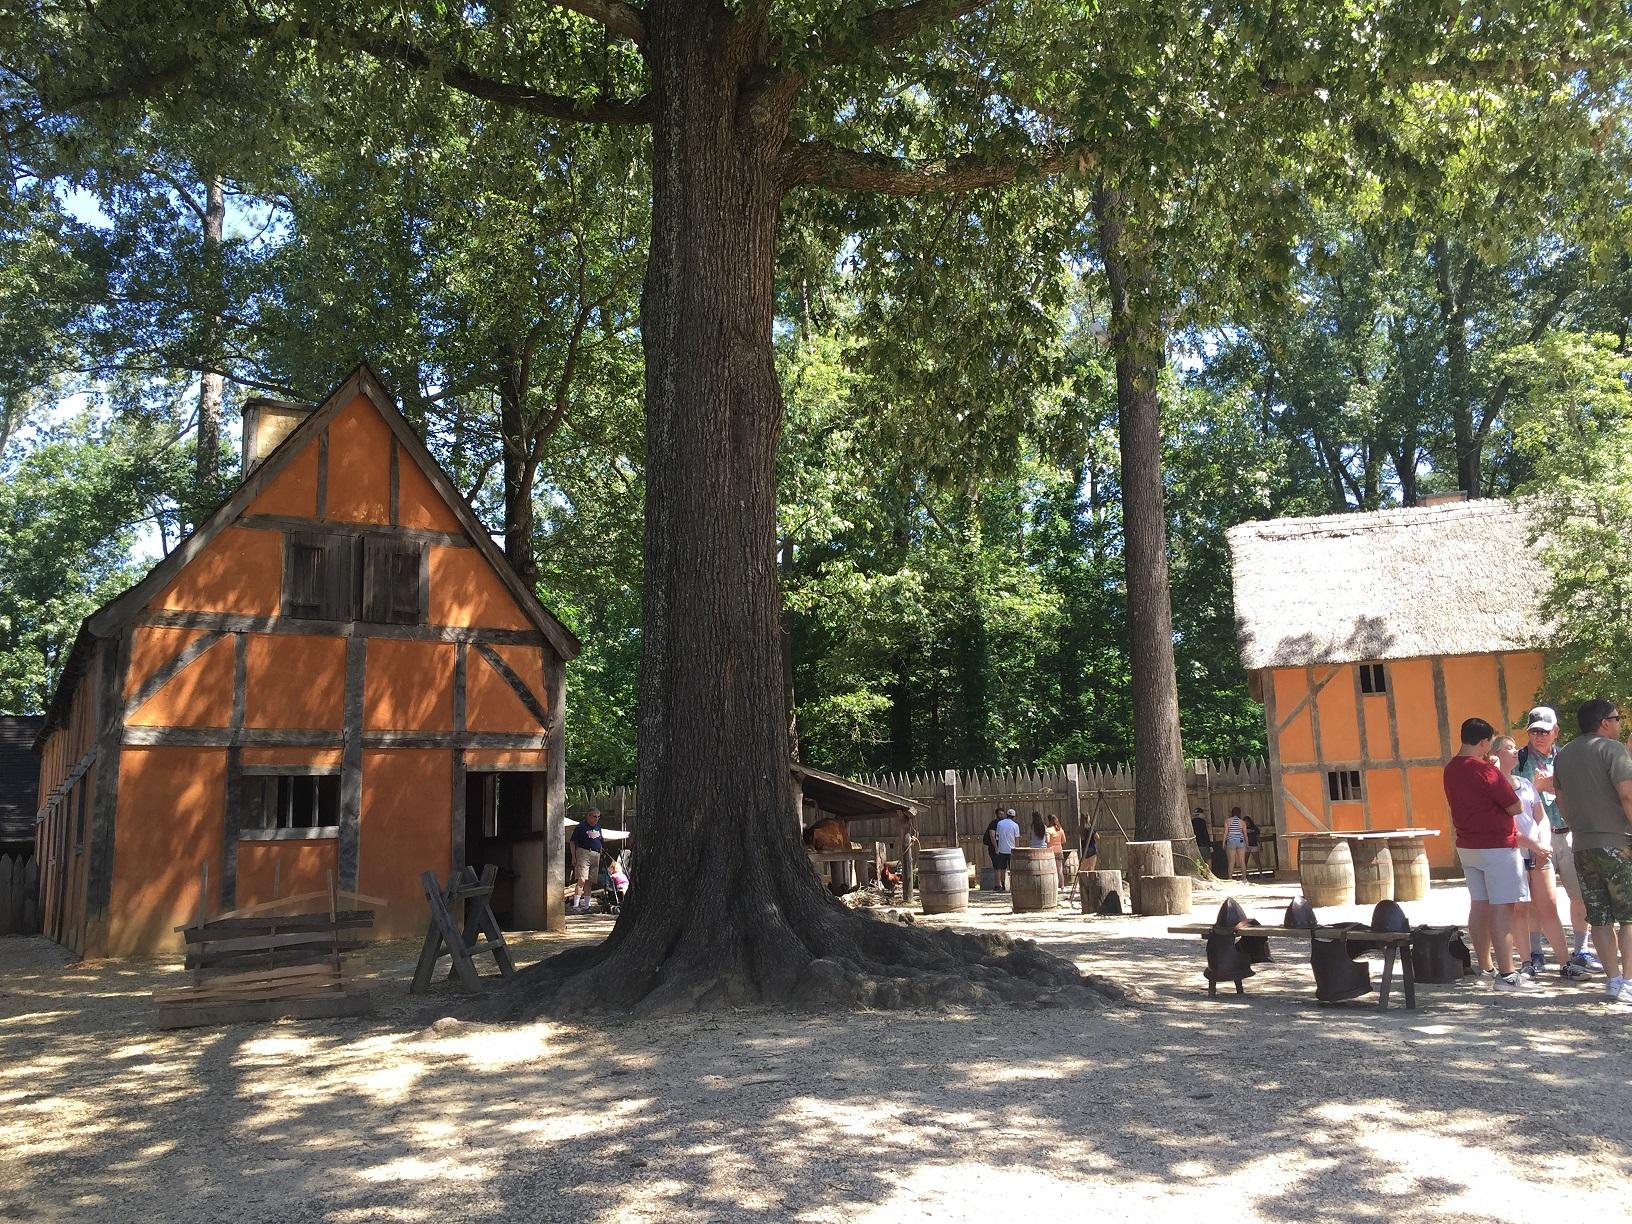 Das Jamestown Settlement